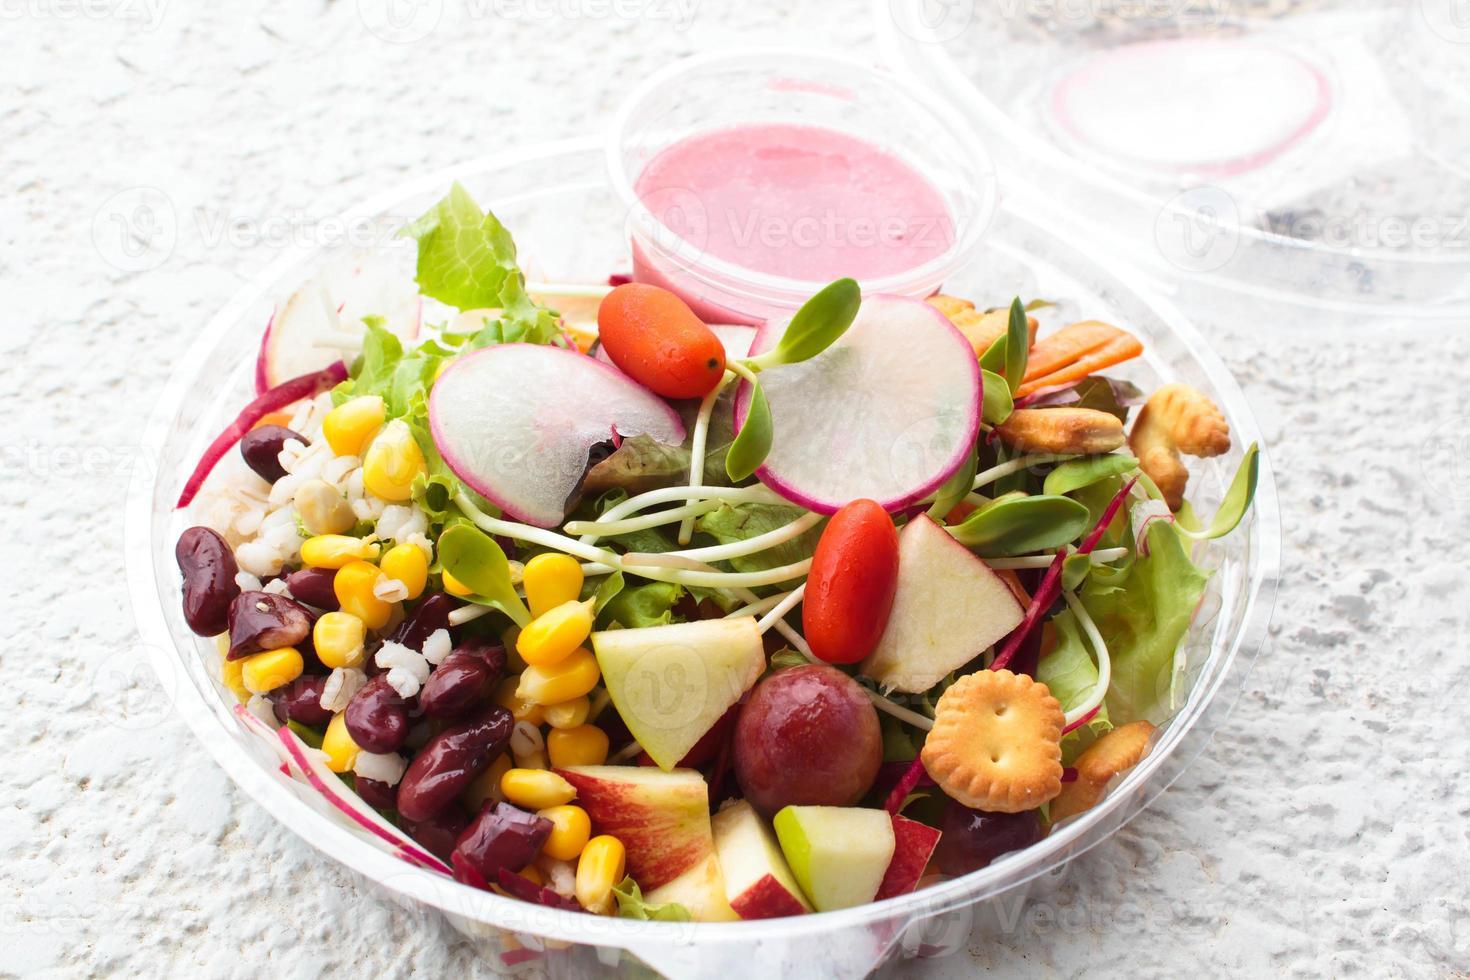 insalata di verdure fresche e frutta. foto